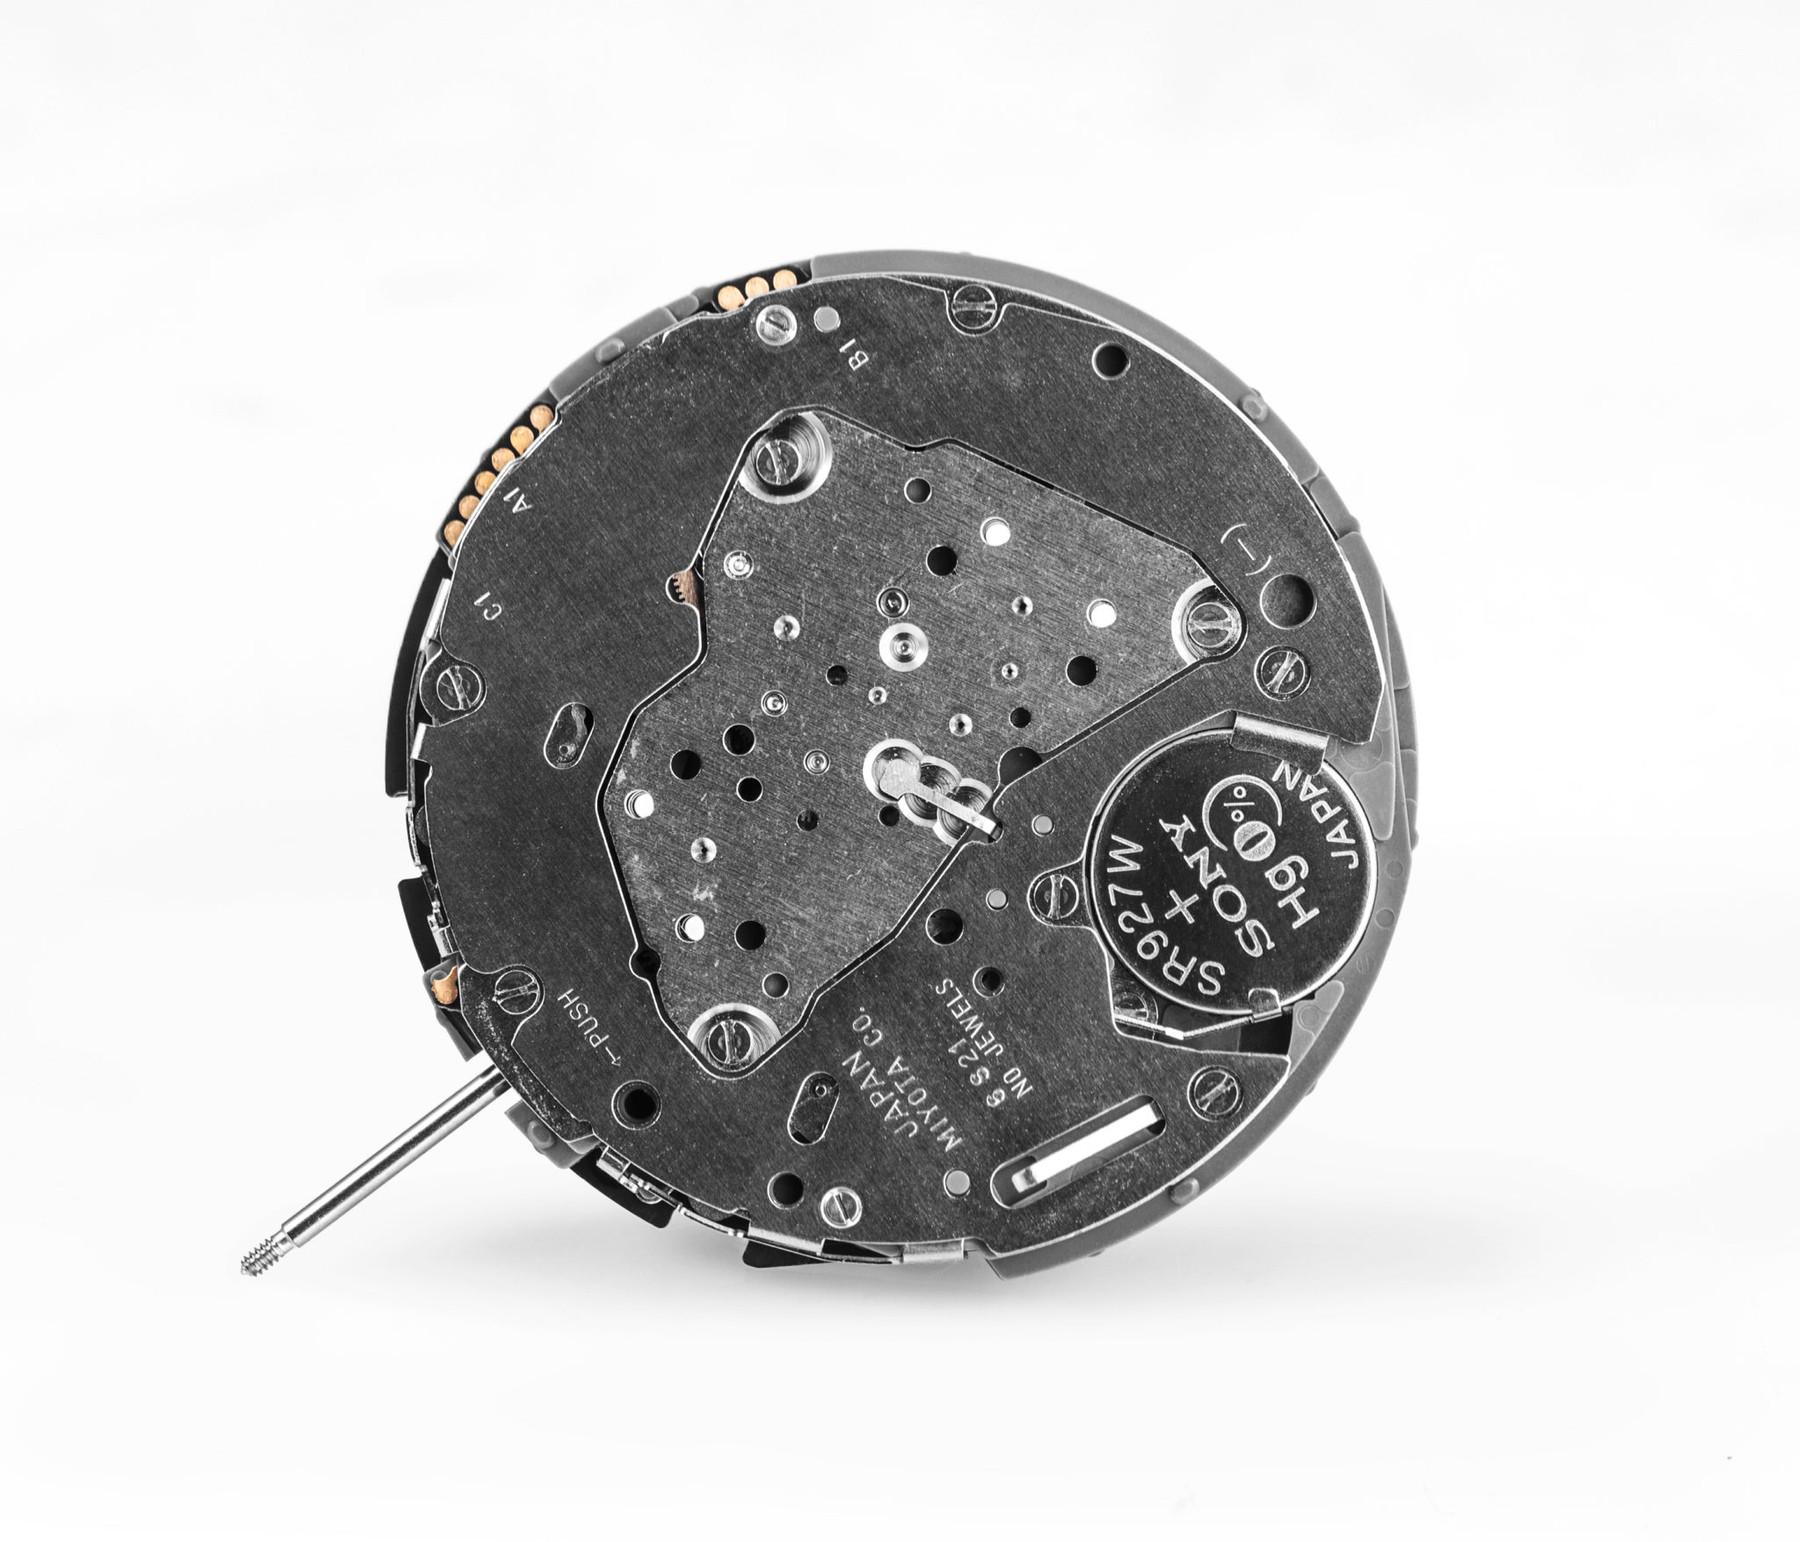 Bild 2 Vostok Europe Ekranoplan 6S21-546C512 Chronograph mit Trigalights